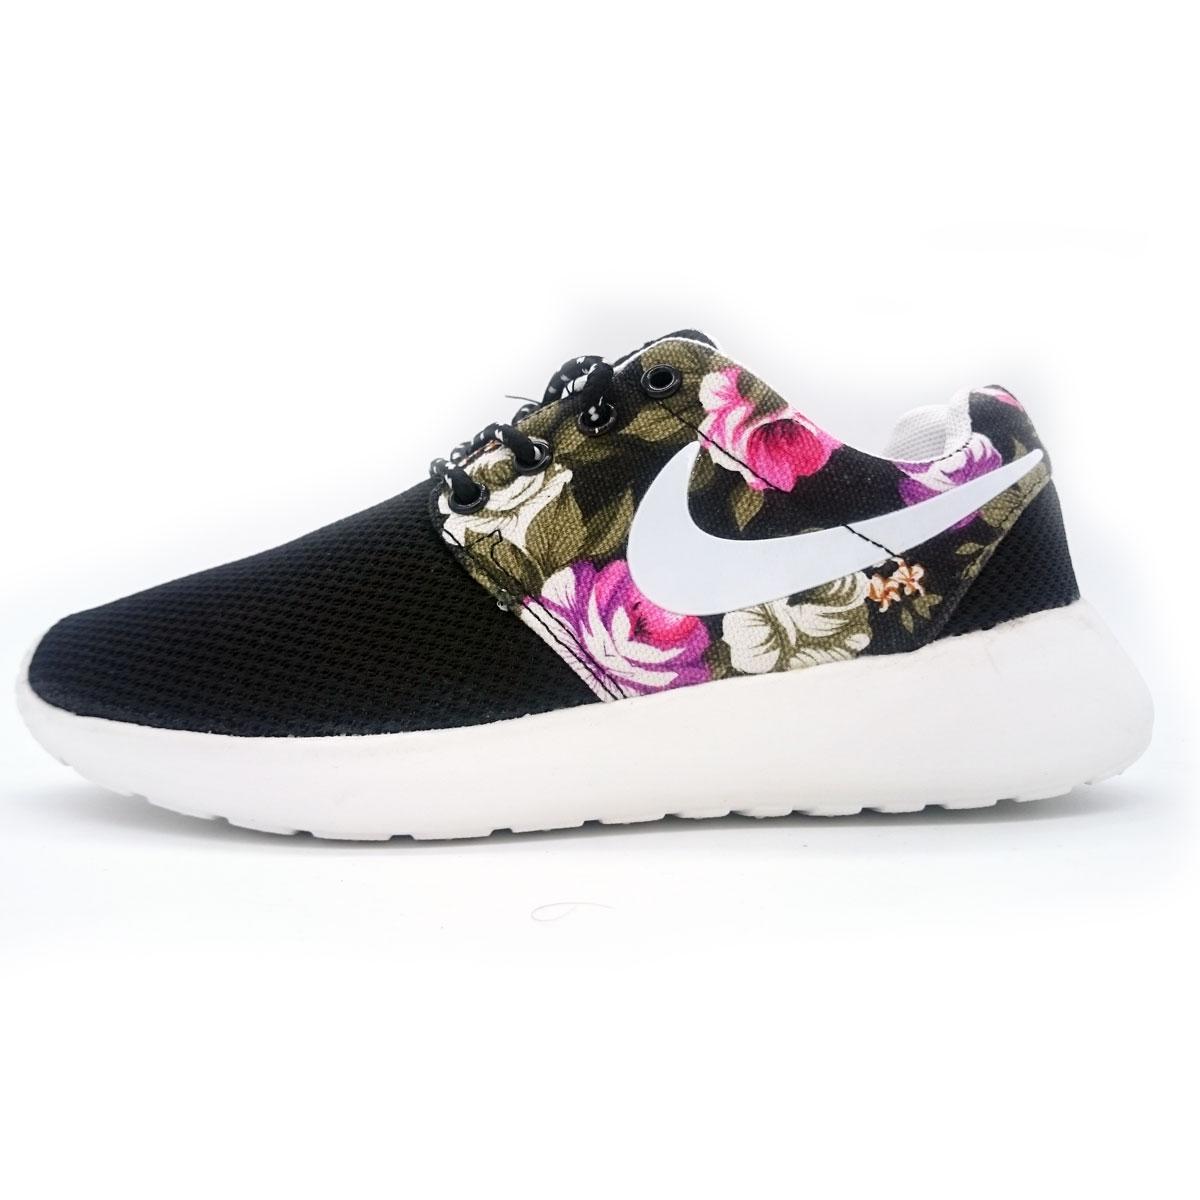 фото main Женские кроссовки Nike Roshe Run черные в цветочек main